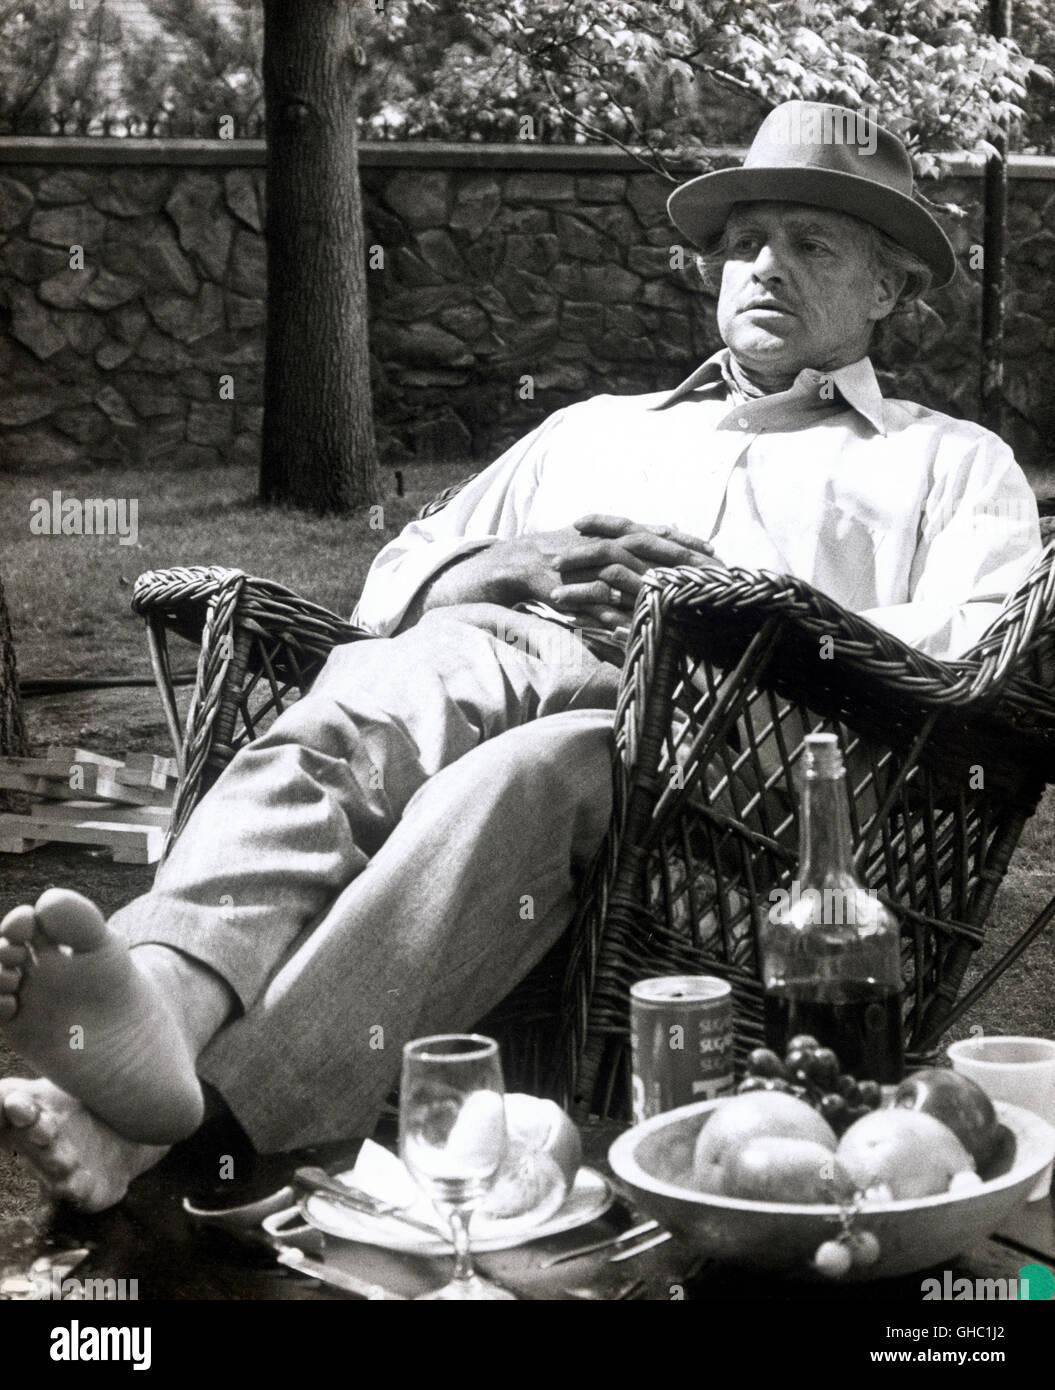 DER PATE The Godfather USA 1972 Francis Ford Coppola MARLON BRANDO (Don  Vito Corleone) b6580ec7a93